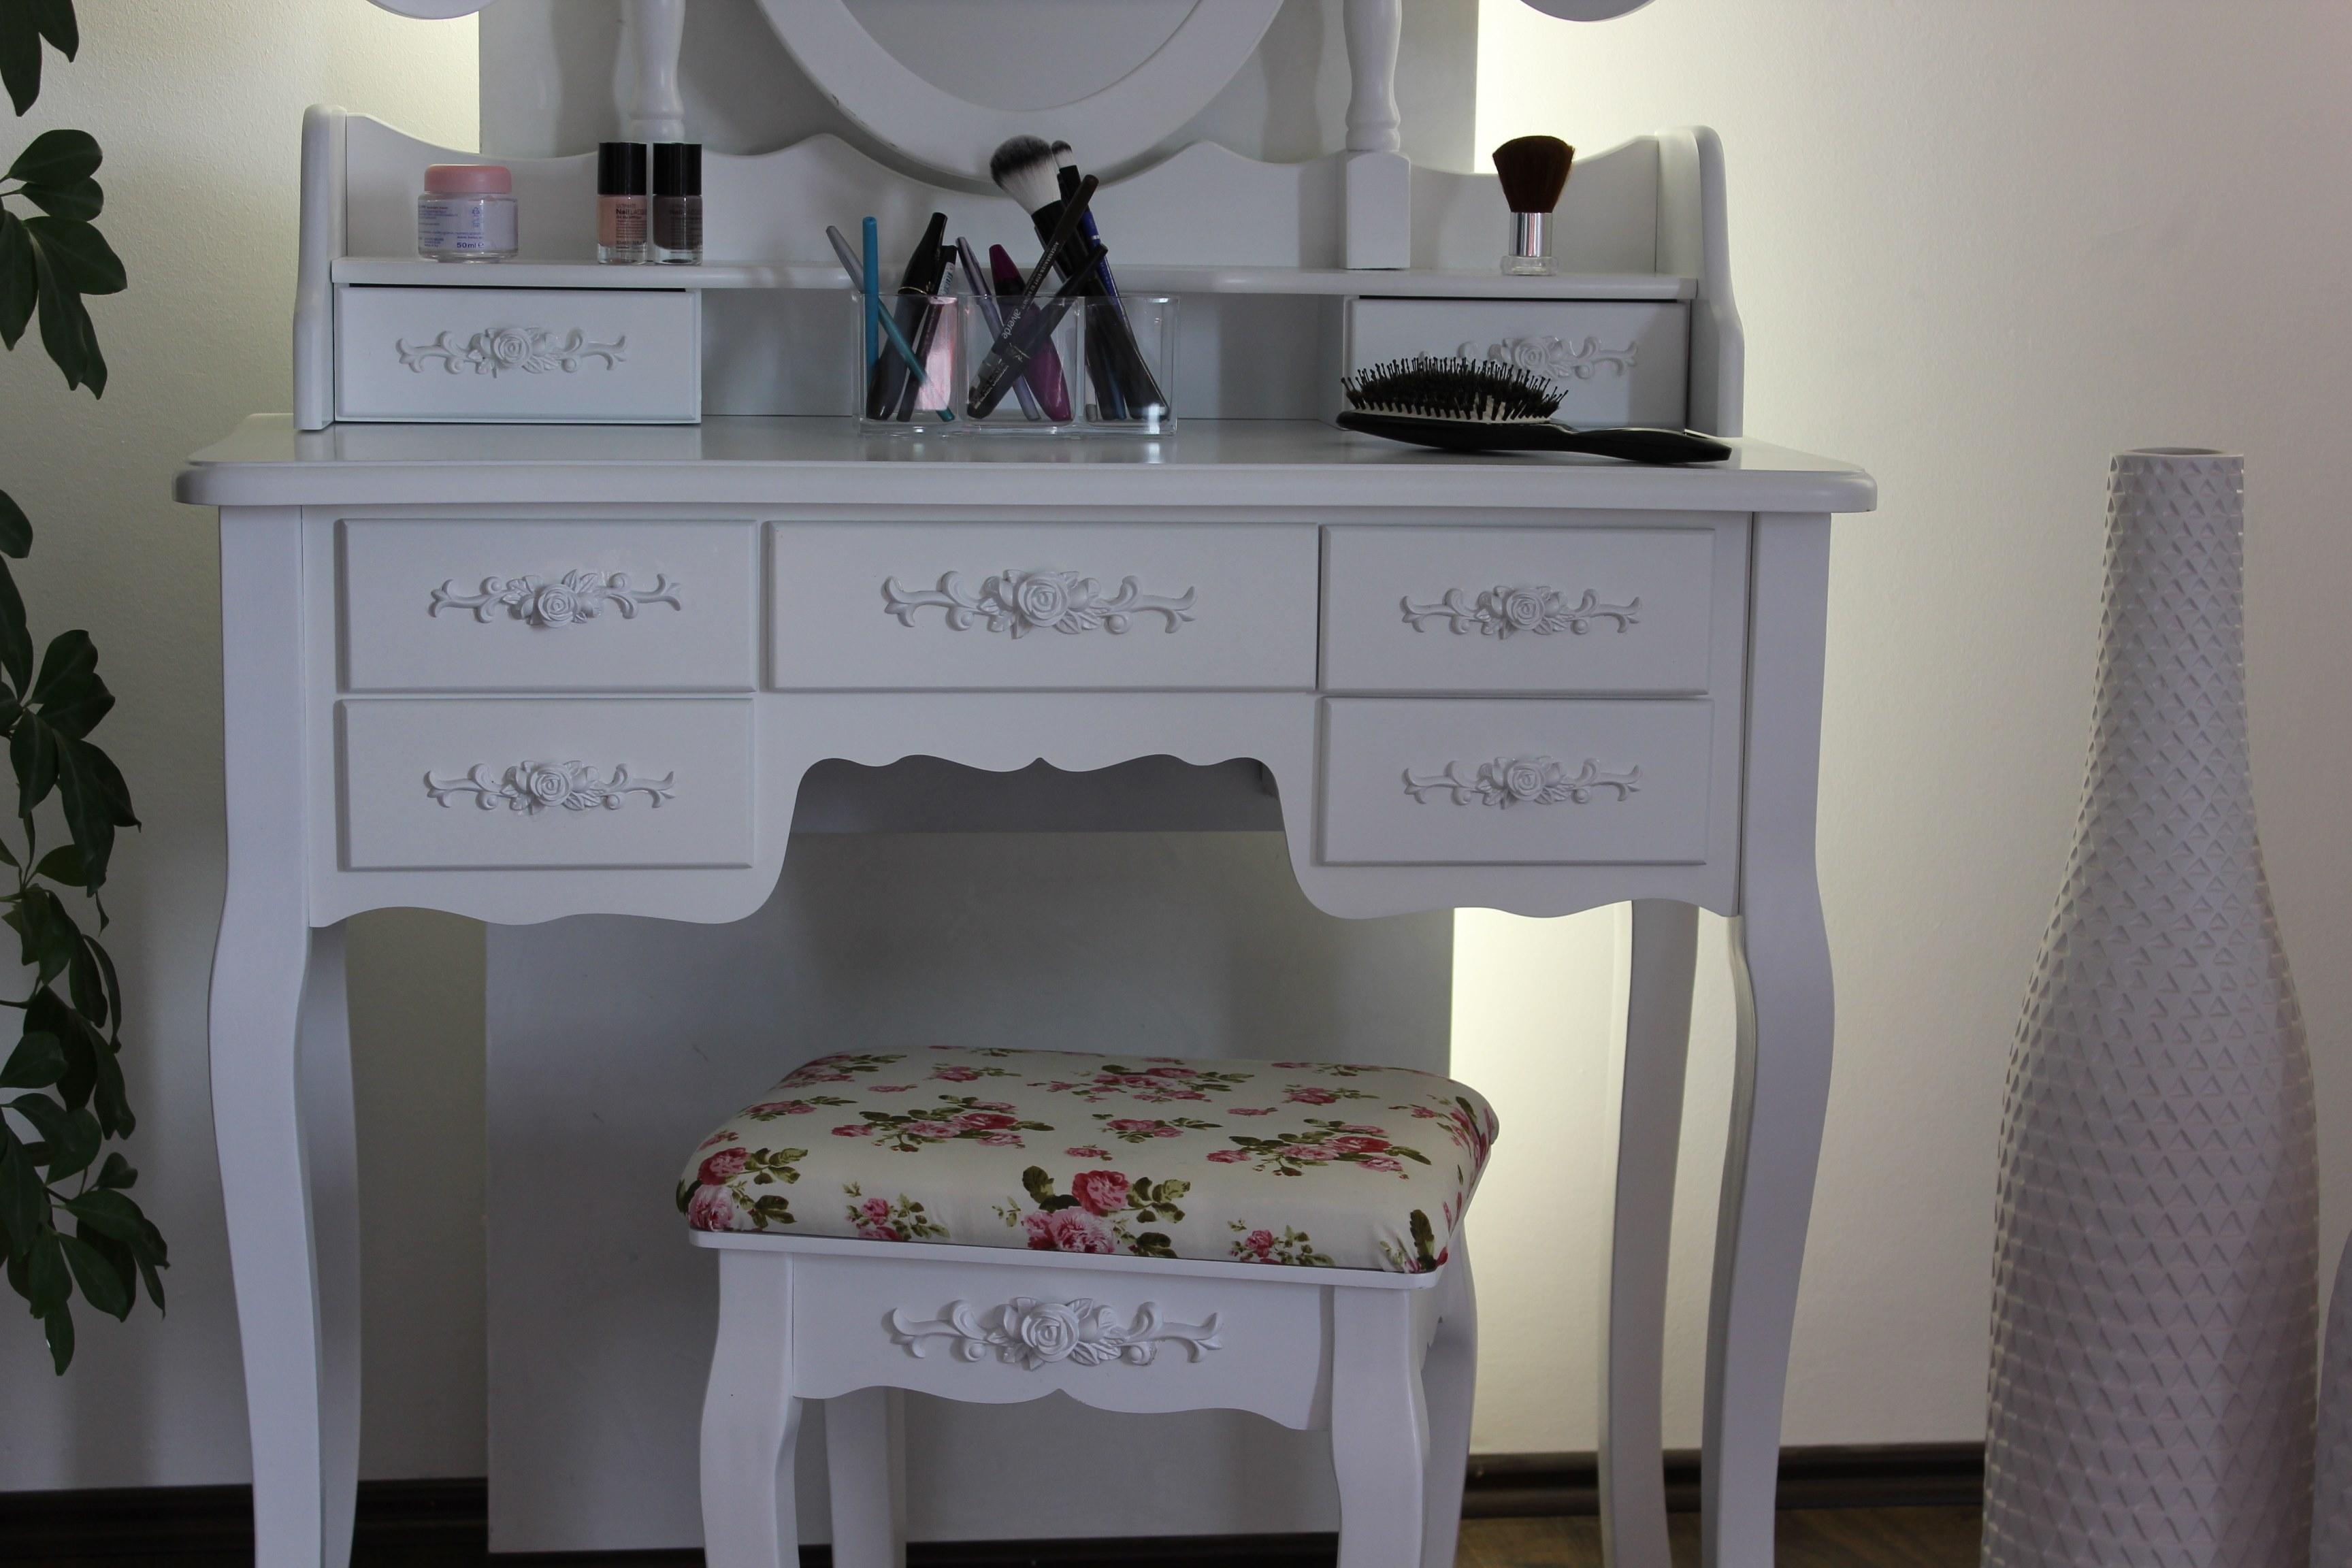 xxlschminktisch inkl hocker spiegel frisiertisch frisierkommode kosmetiktisch ebay. Black Bedroom Furniture Sets. Home Design Ideas